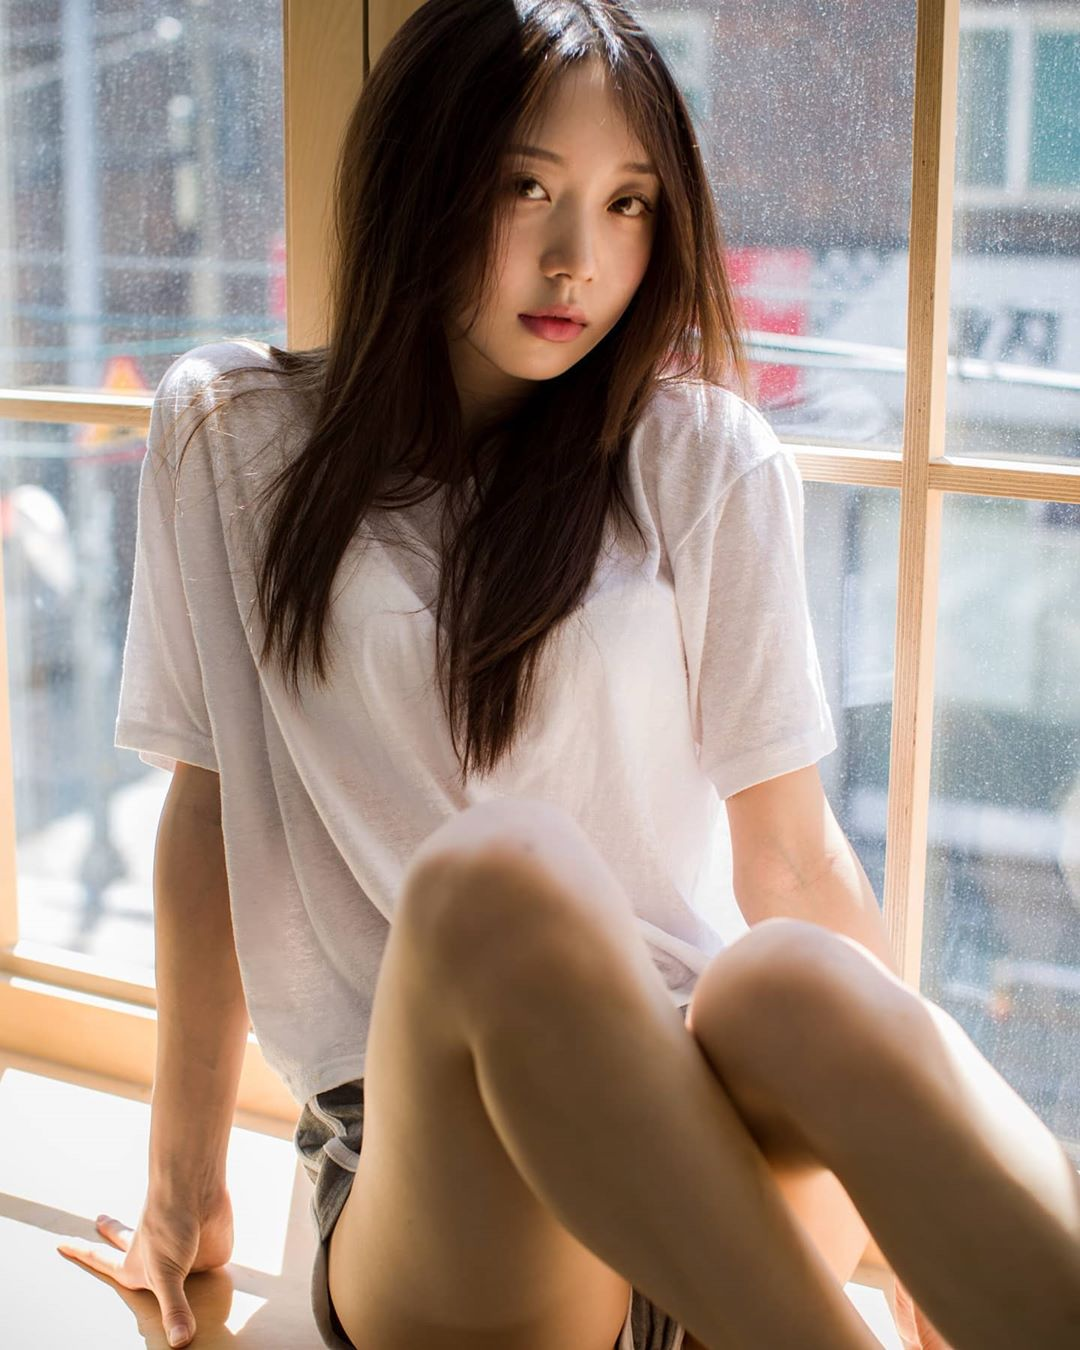 韩国妹子推荐「李熙恩」大只马身形超抢眼,比韩国泡菜还辣!插图(17)